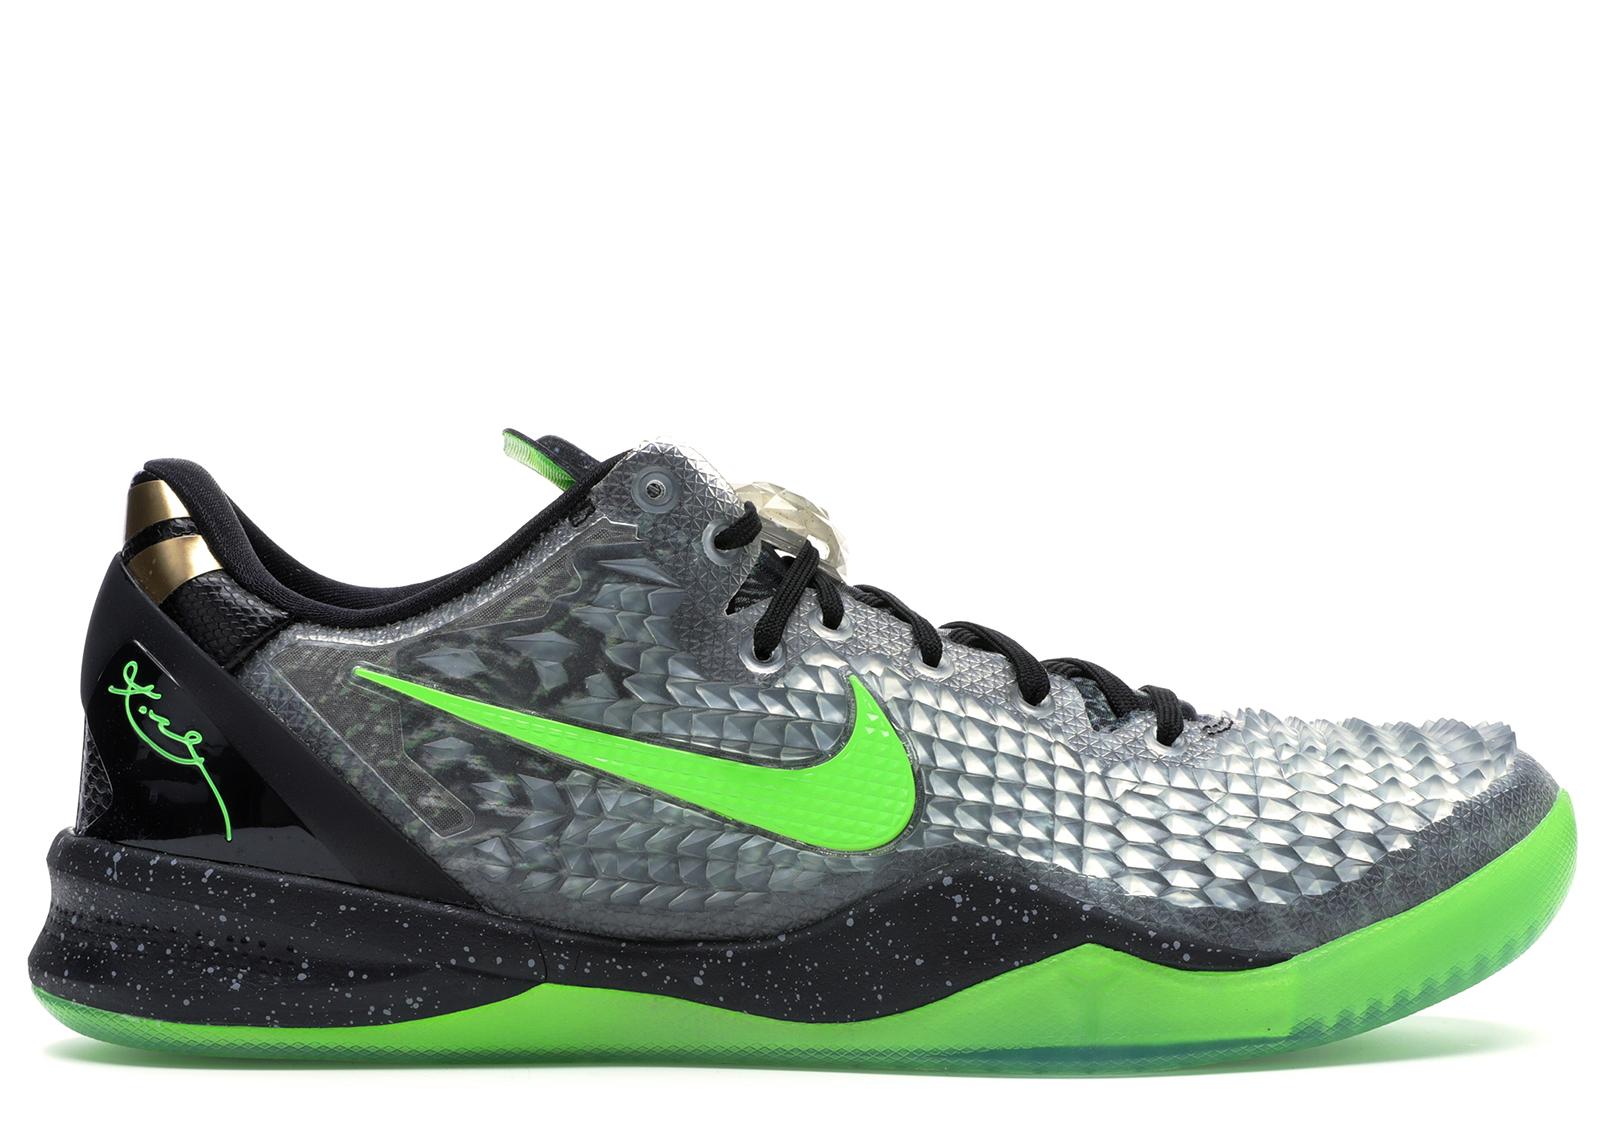 wholesale dealer 2f621 71aa1 ... promo code for buy nike kobe 8 shoes deadstock sneakers f7987 aa4dd